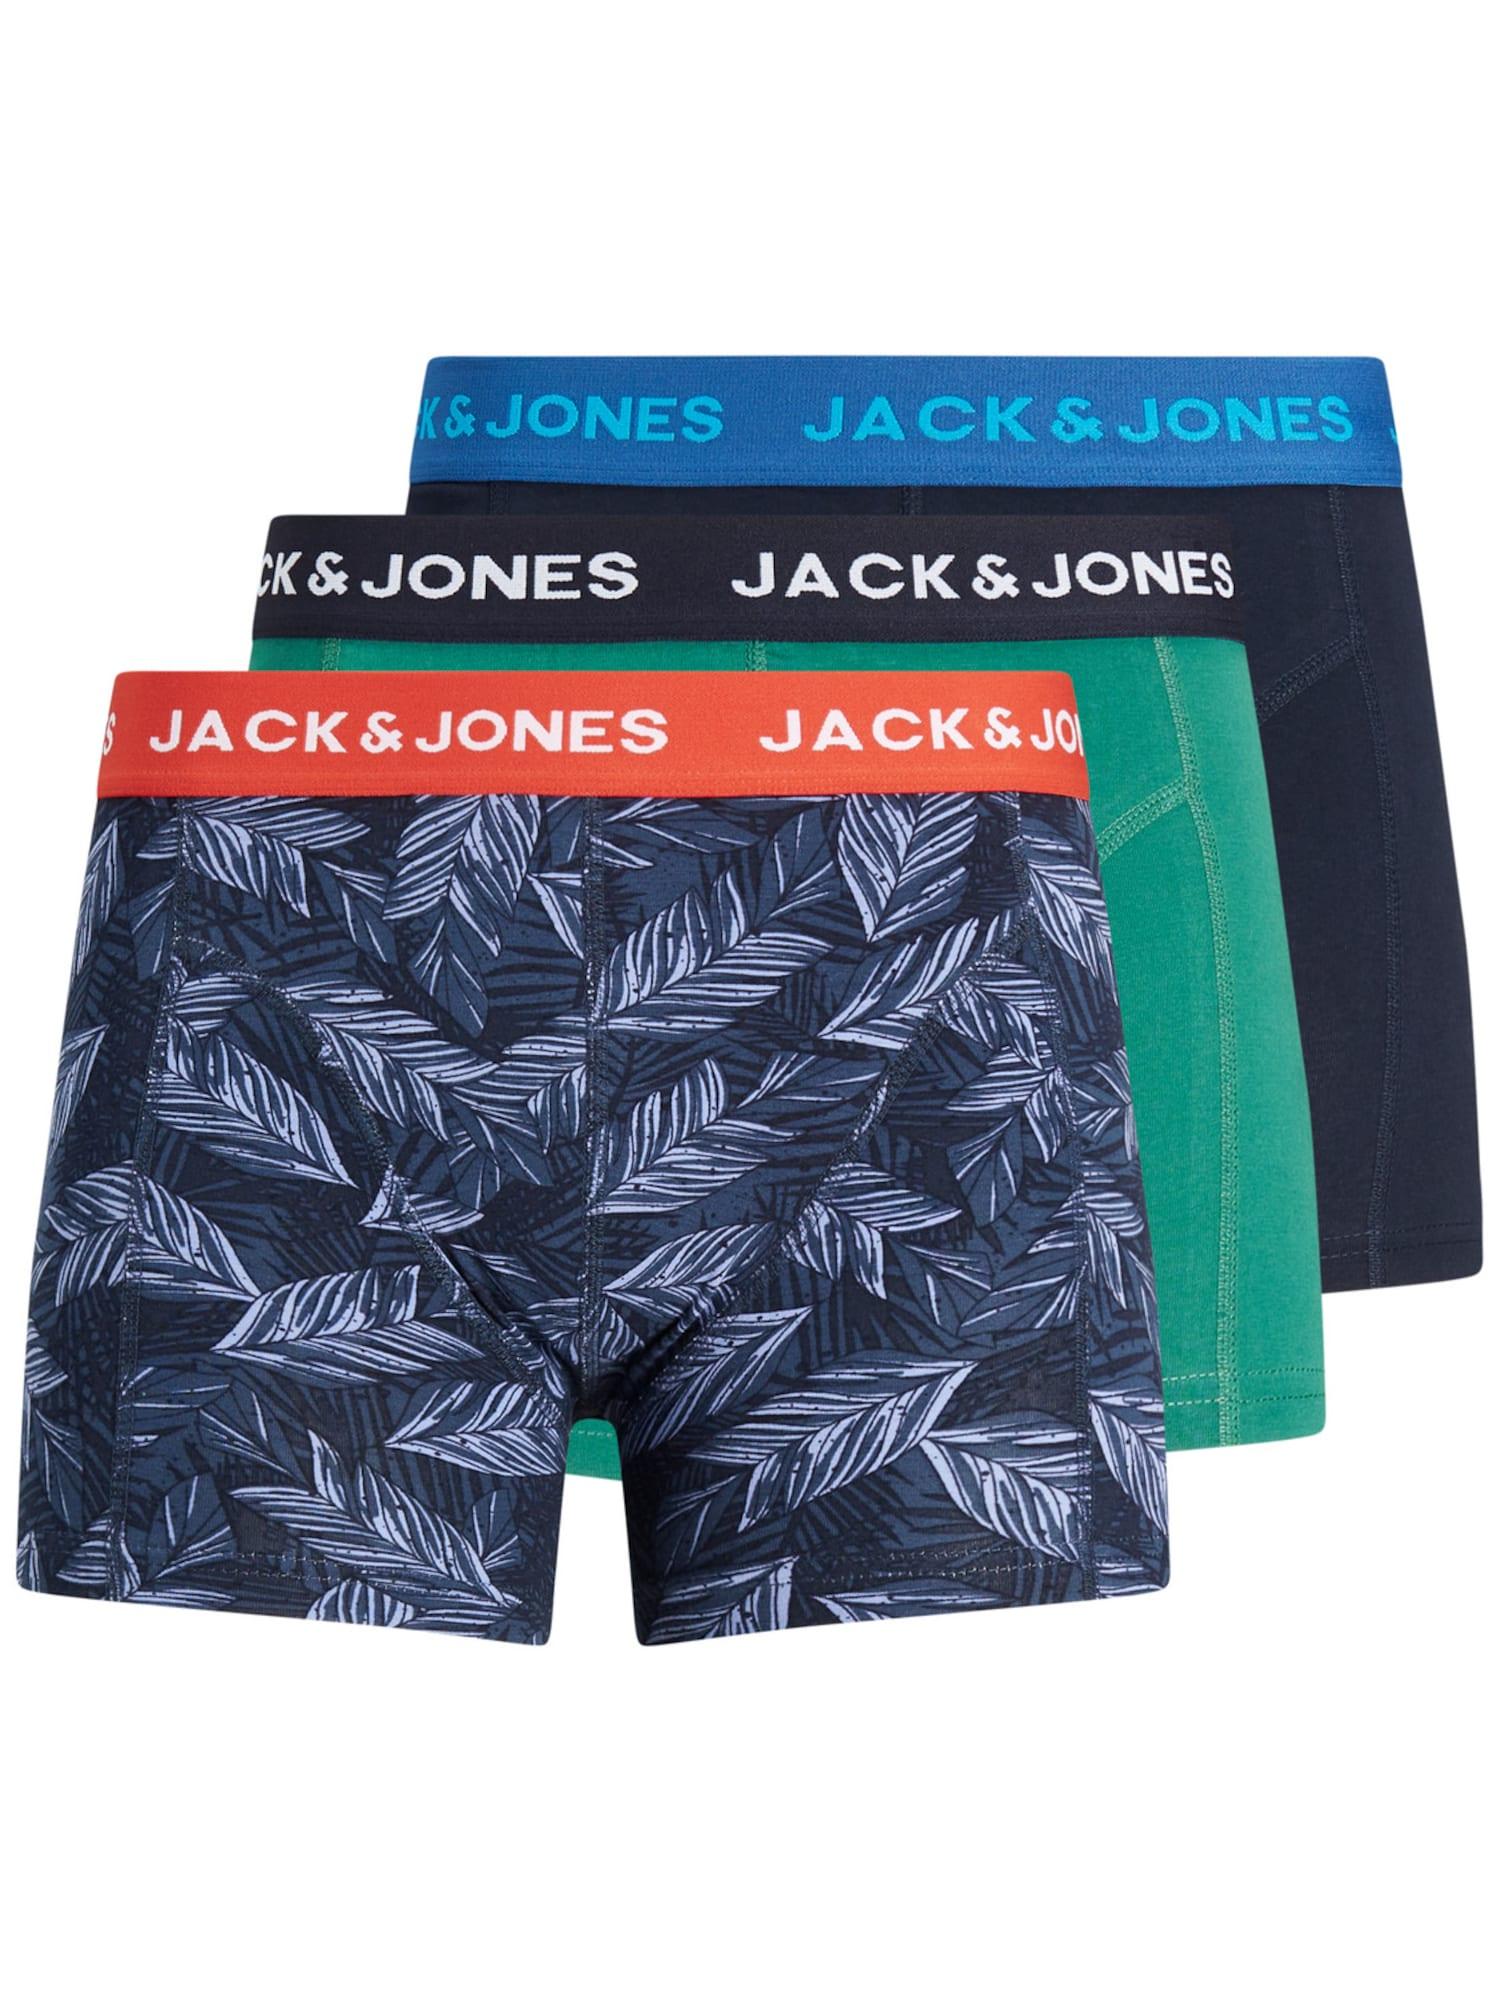 JACK & JONES Boxer trumpikės tamsiai mėlyna / nefrito spalva / raudona / balta / melsvai pilka